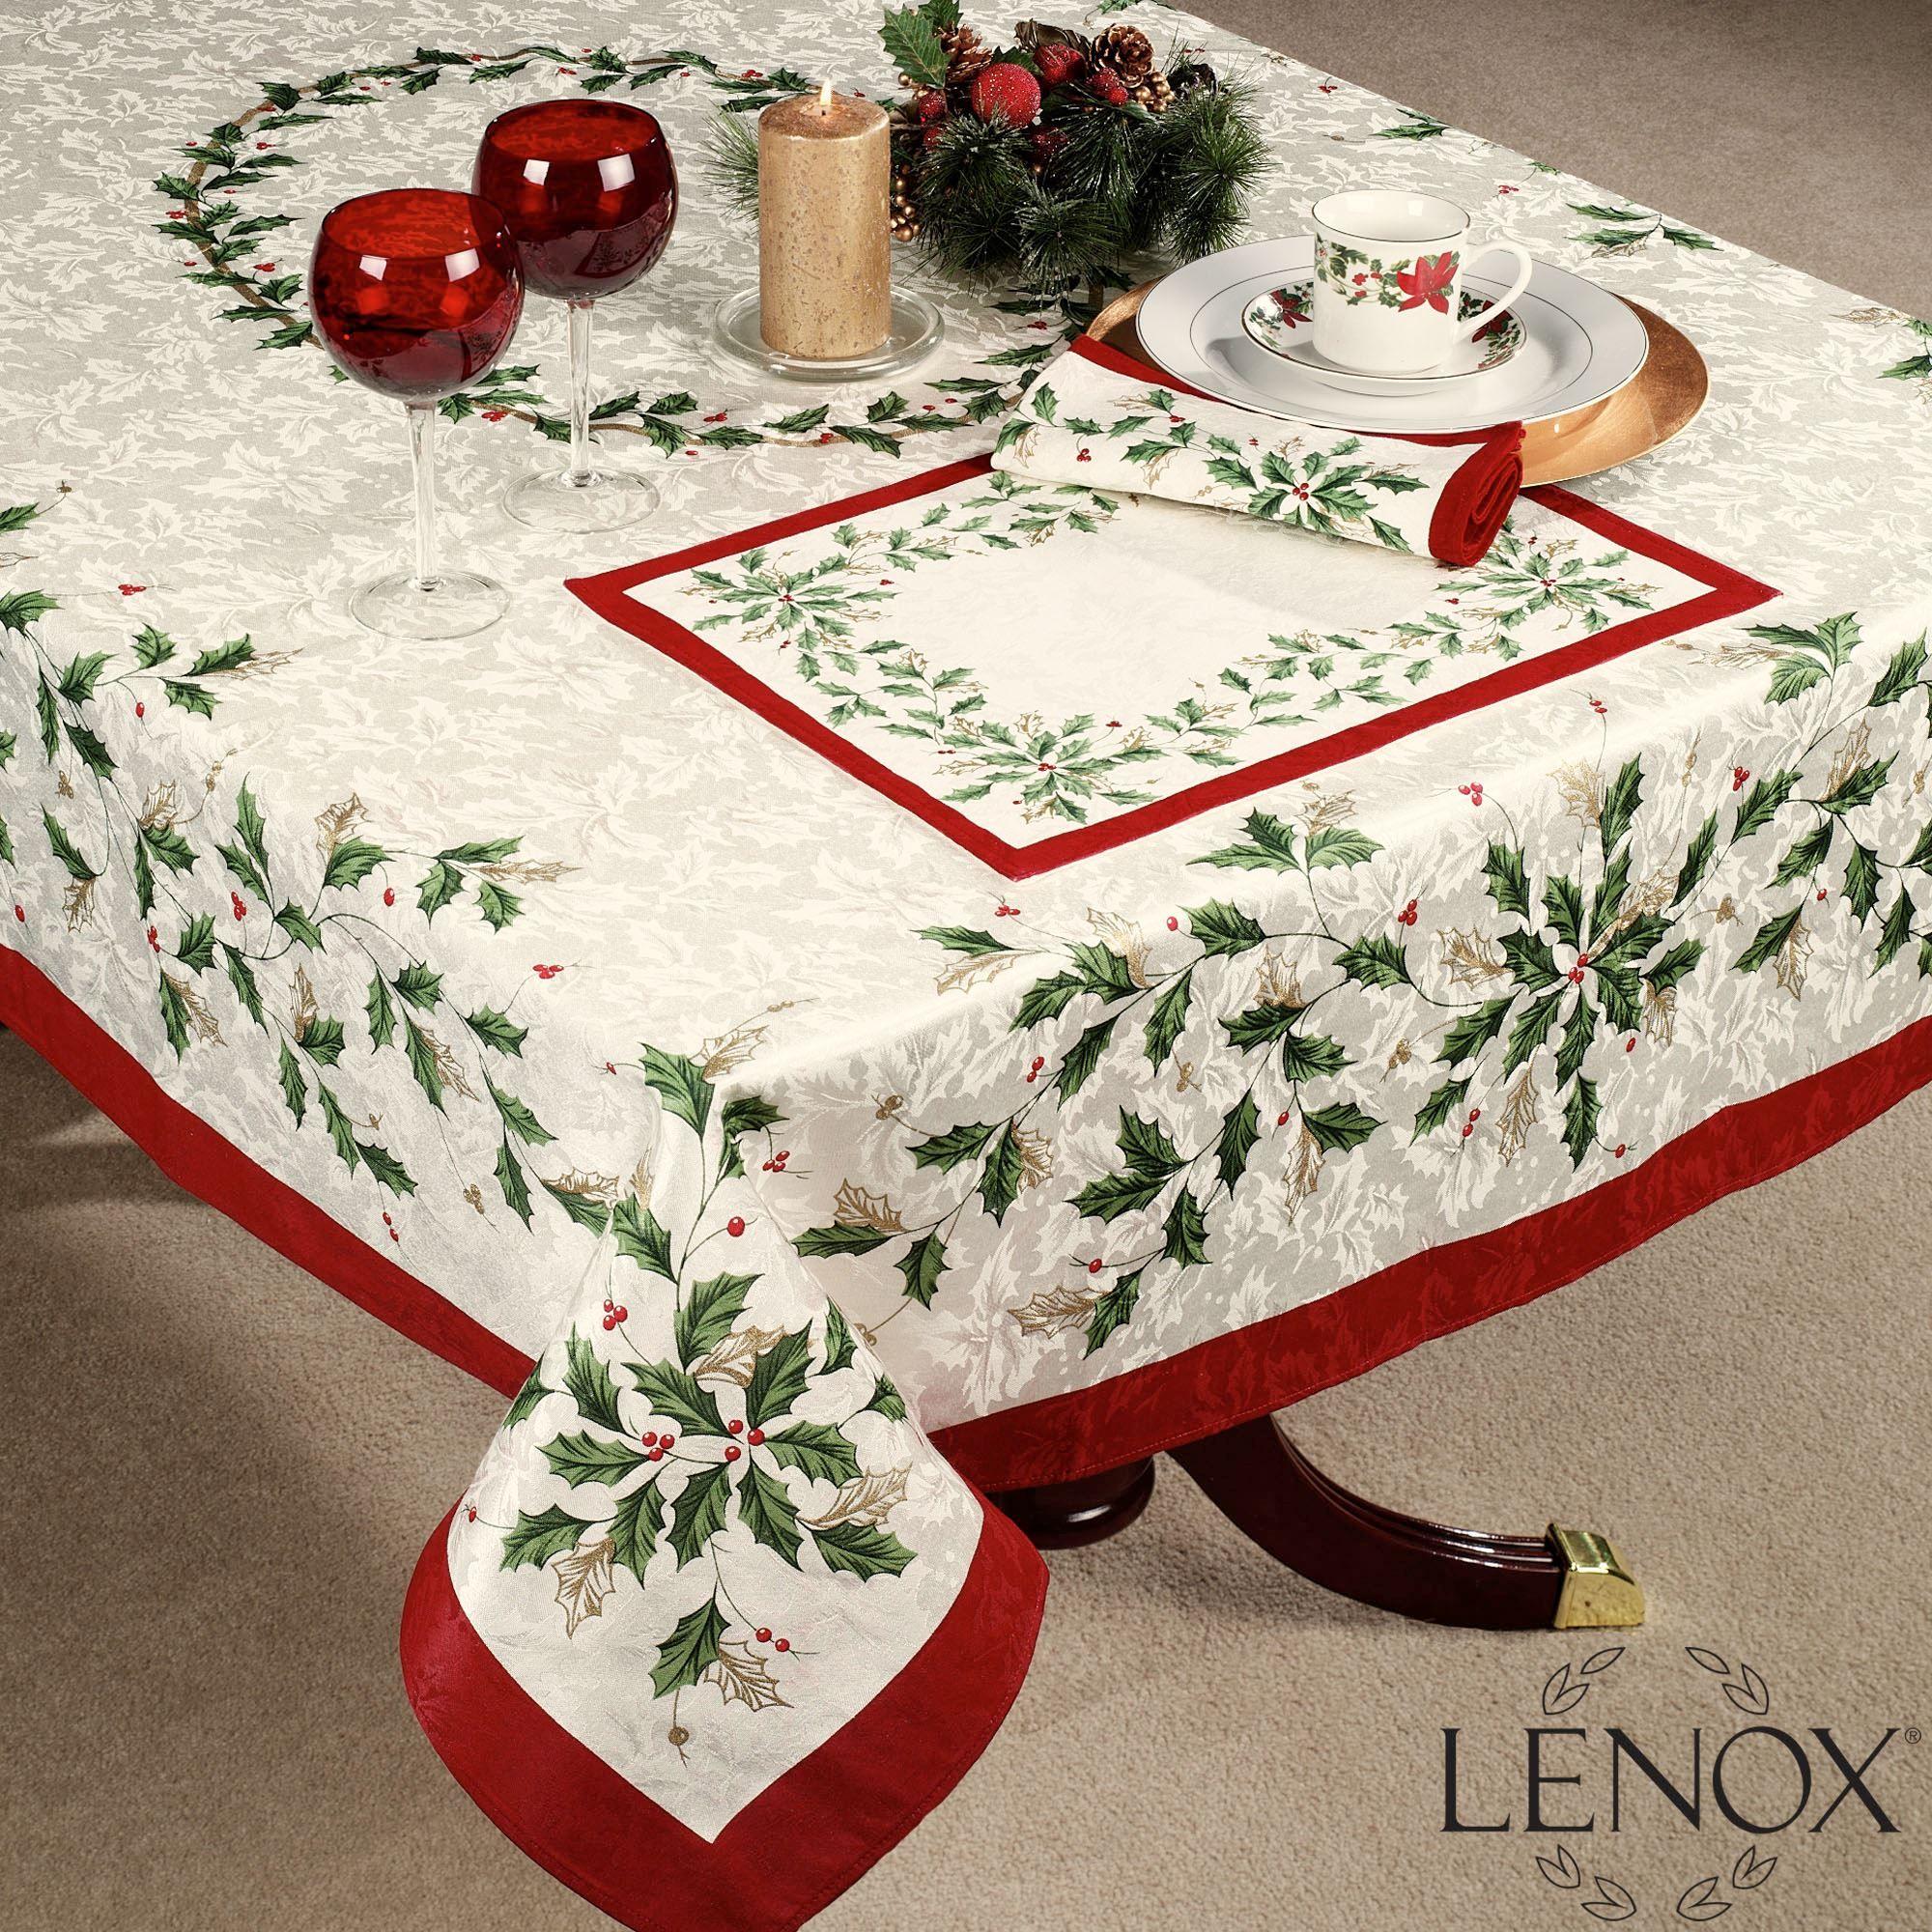 87 Lenox Home Decor New Lenox Ivory Rose Large Vase Beautiful